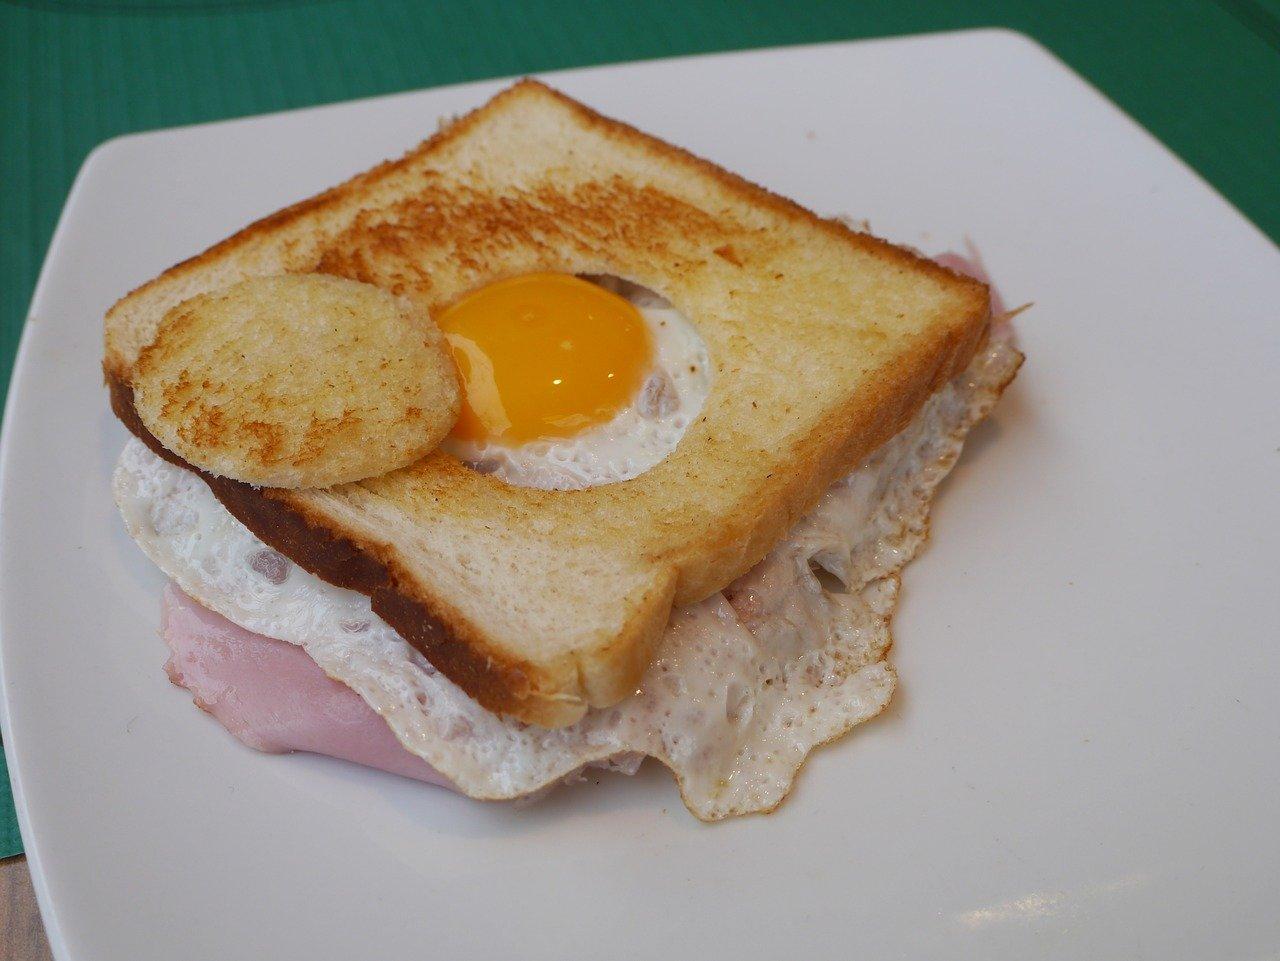 Jajko sadzone na toście kanapka dl dziecka